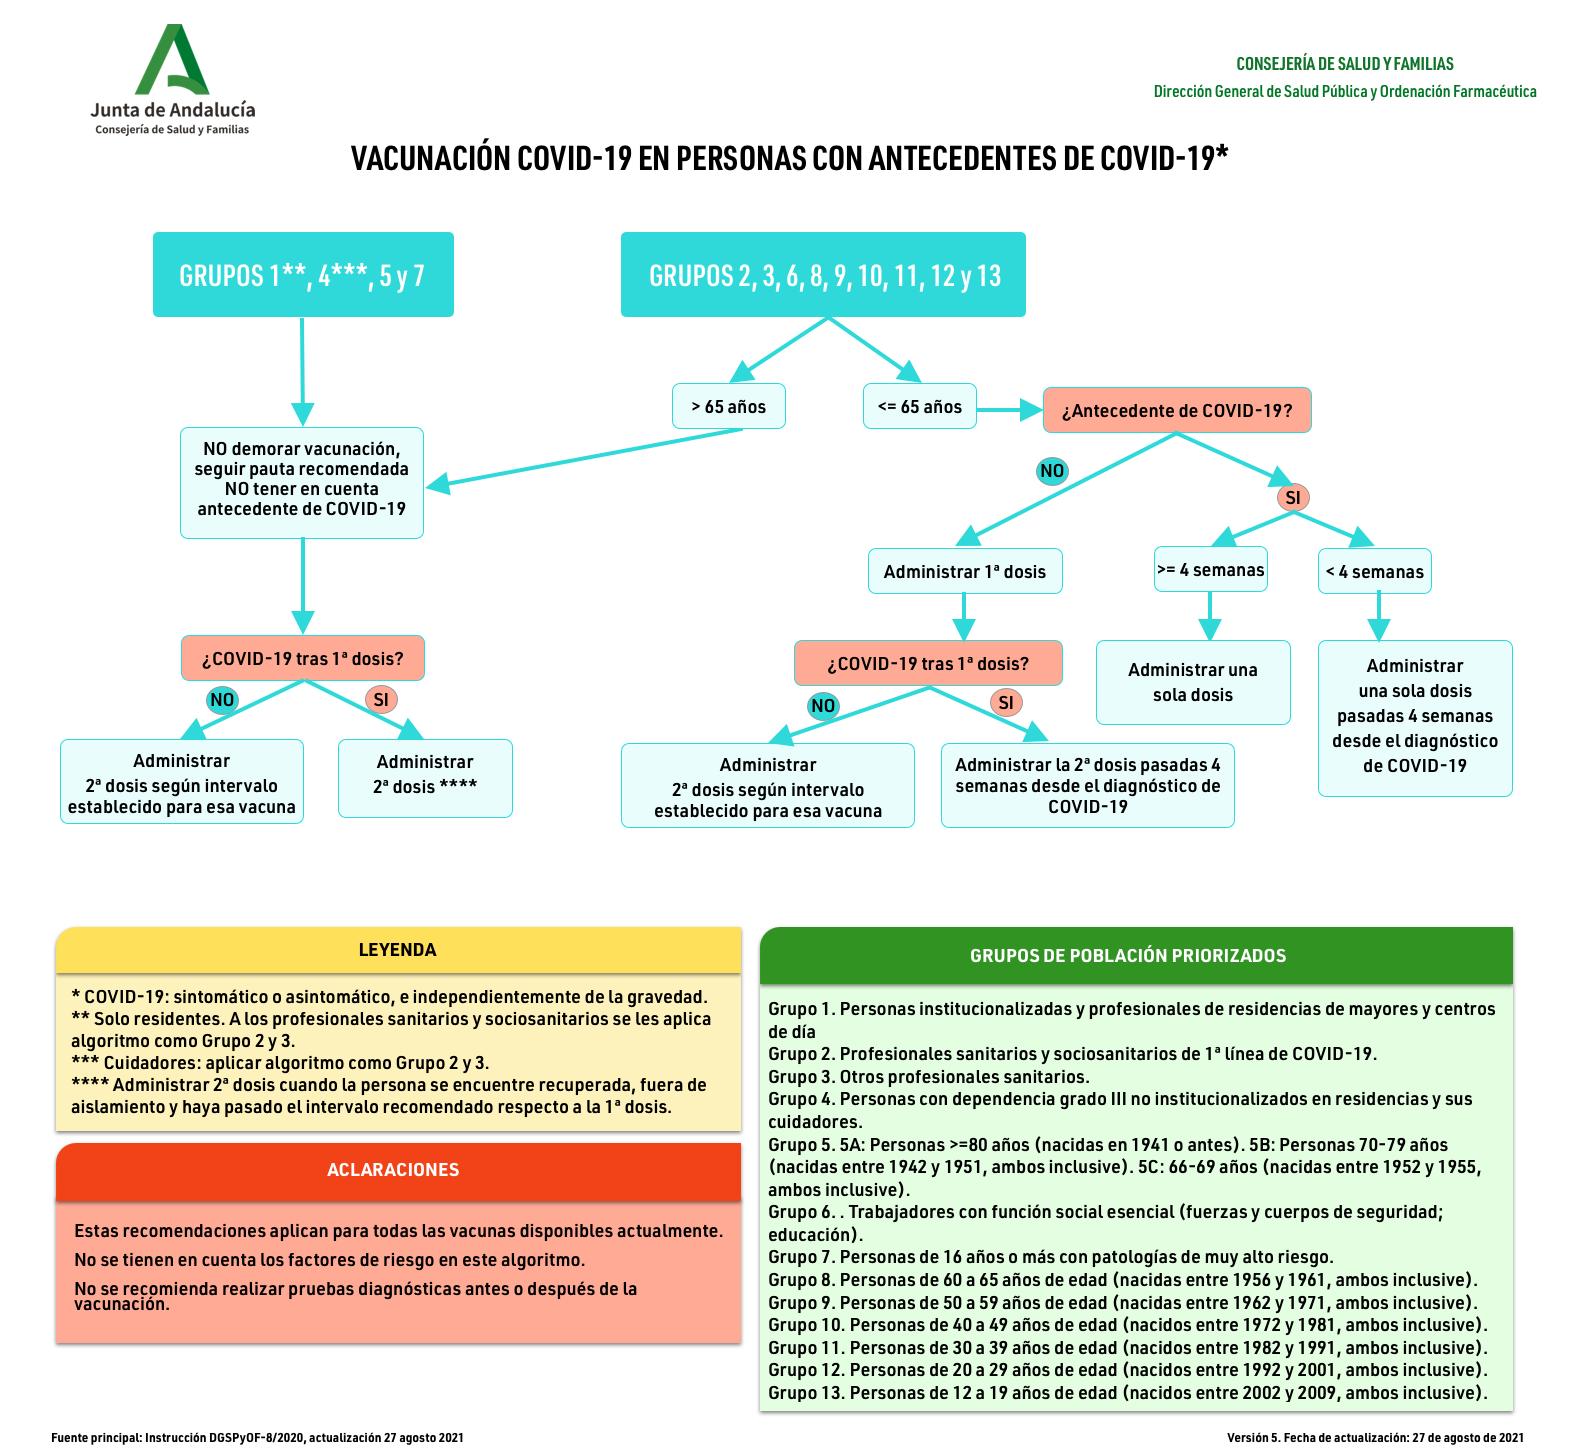 Vacunación COVID-19 en personas con antecedentes de COVID-19